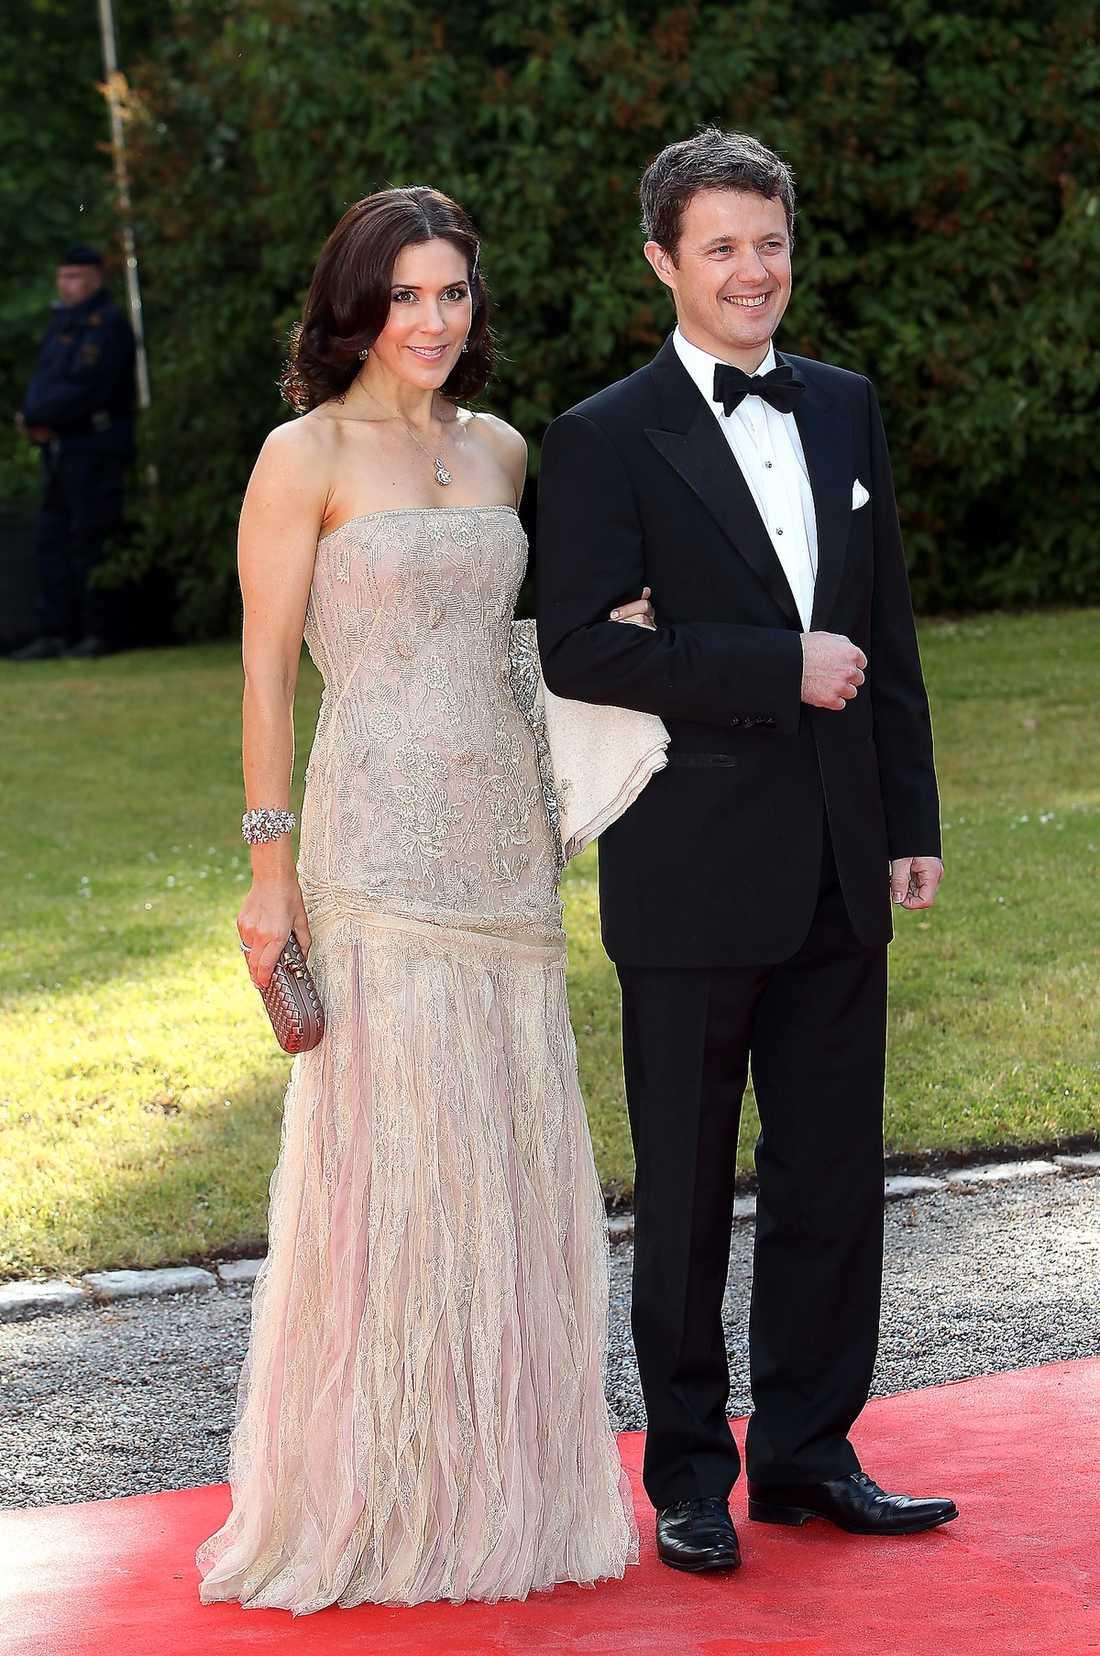 Kronprinsessan Mary tillsammans med sin kronprins Frederik.